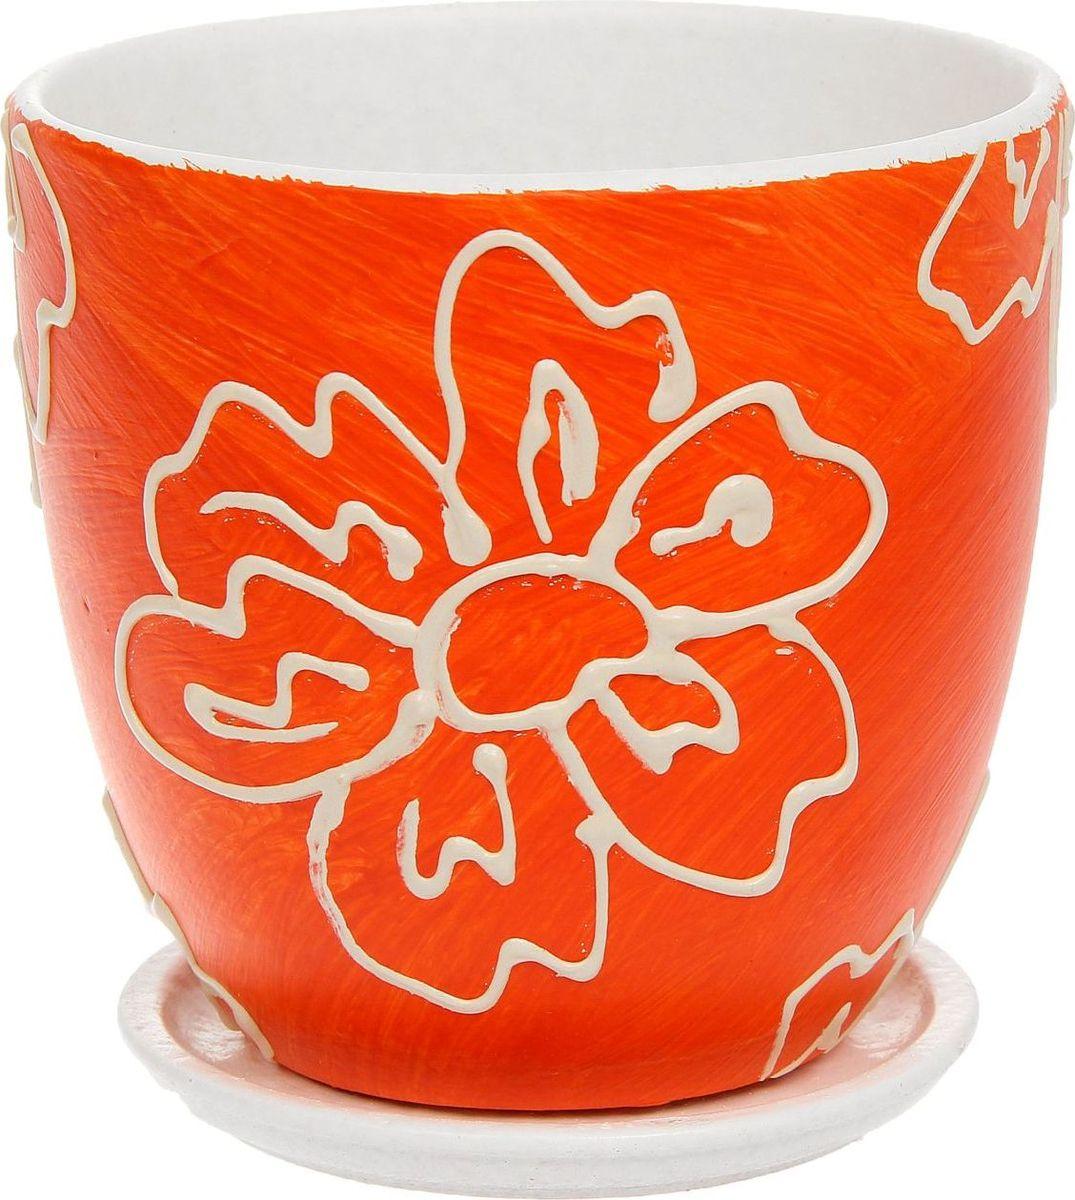 Кашпо Оранж, 0,8 л1138662Комнатные растения — всеобщие любимцы. Они радуют глаз, насыщают помещение кислородом и украшают пространство. Каждому из них необходим свой удобный и красивый дом. Кашпо из керамики прекрасно подходят для высадки растений: за счет пластичности глины и разных способов обработки существует великое множество форм и дизайнов пористый материал позволяет испаряться лишней влаге воздух, необходимый для дыхания корней, проникает сквозь керамические стенки! позаботится о зеленом питомце, освежит интерьер и подчеркнет его стиль.